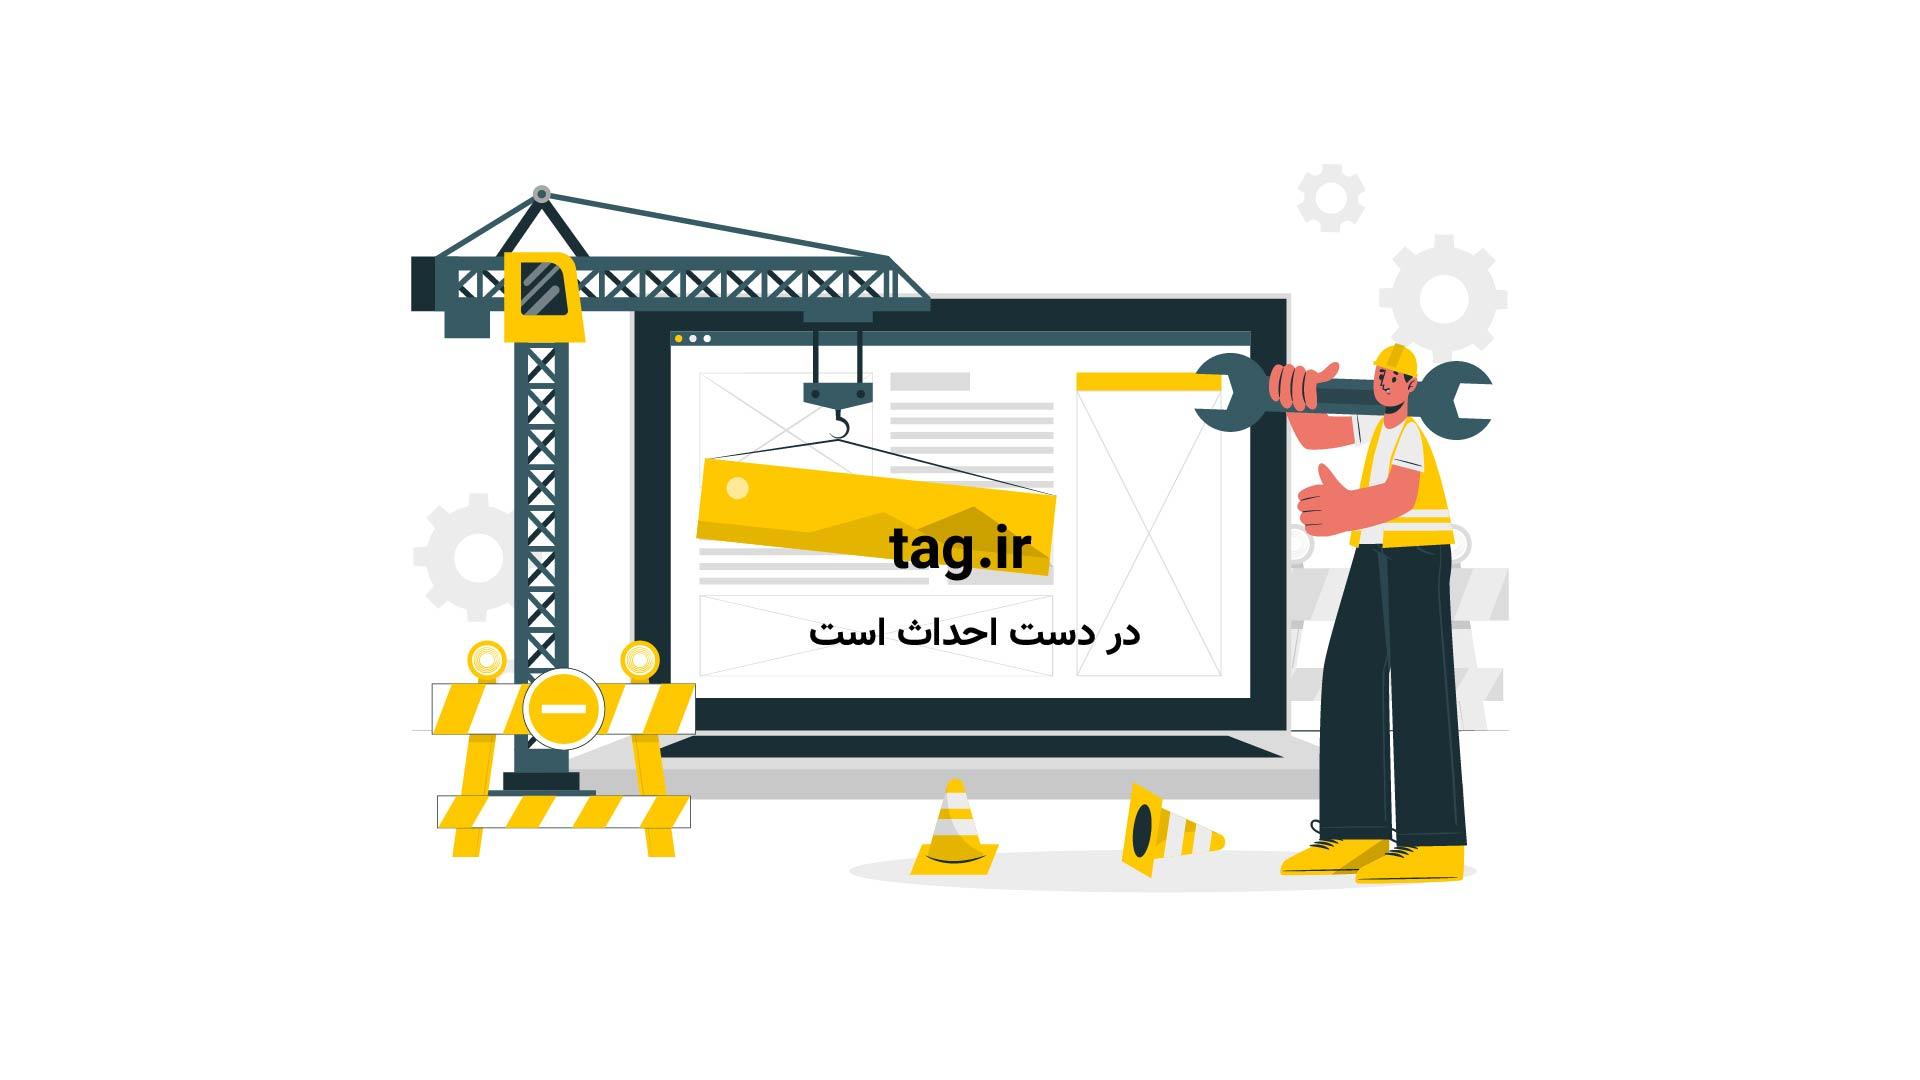 آموزش ساخت دوتار با وسایل ساده آموزش ساخت یک کاتر حرارتی با وسایل ساده | فیلم - تگ